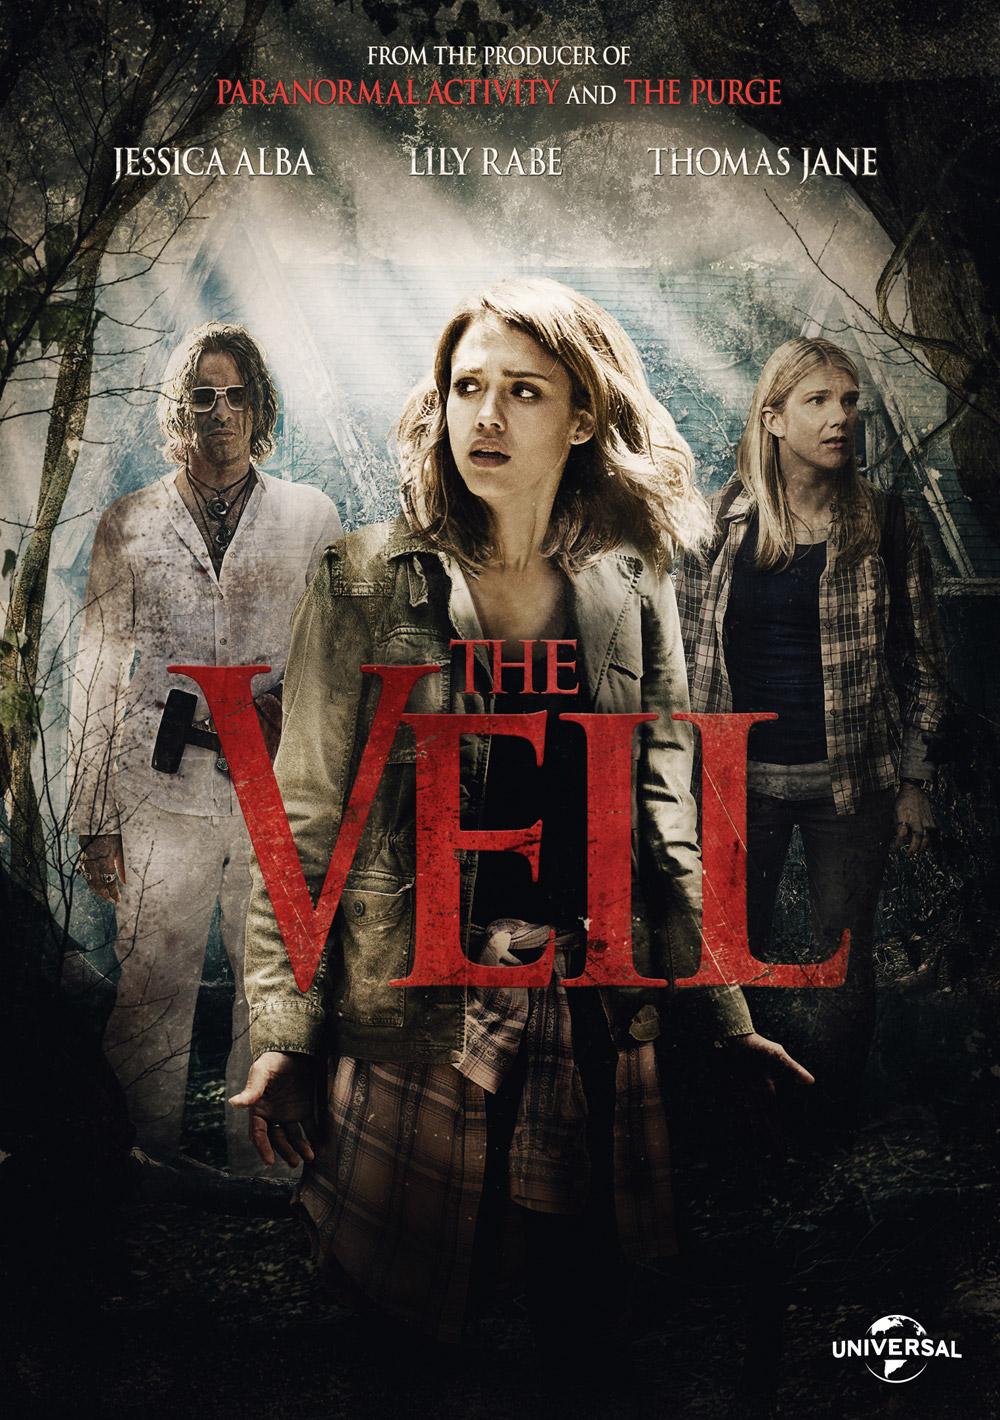 the-veil-poster-1.jpg